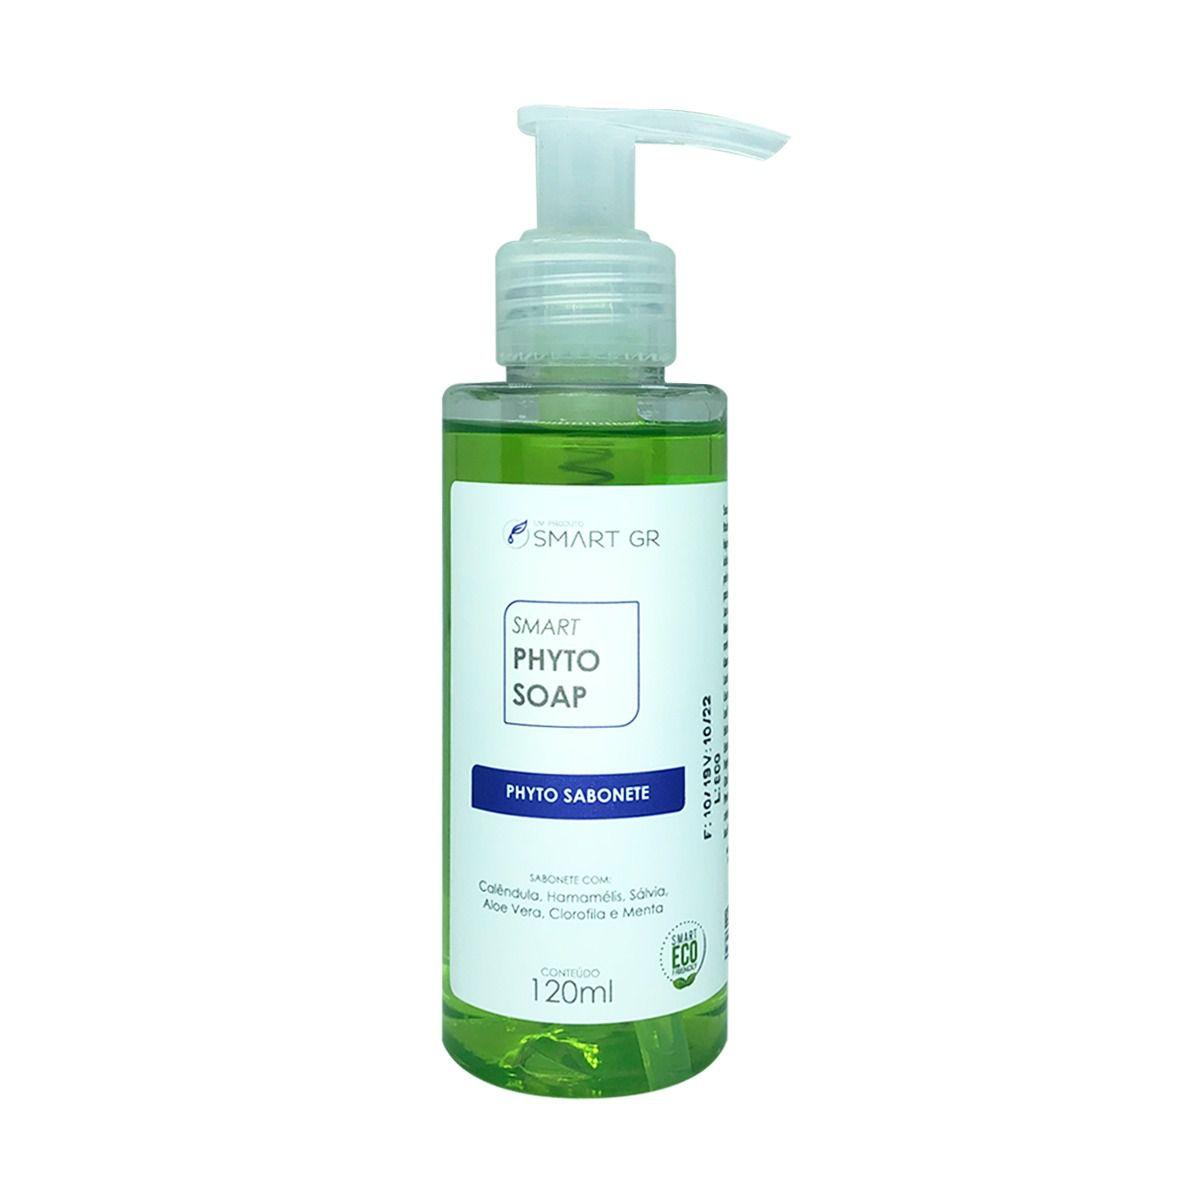 SMART PHYTO SOAP - SABONETE DE BIOVEGETAIS FITODETERGENTES - 120ML